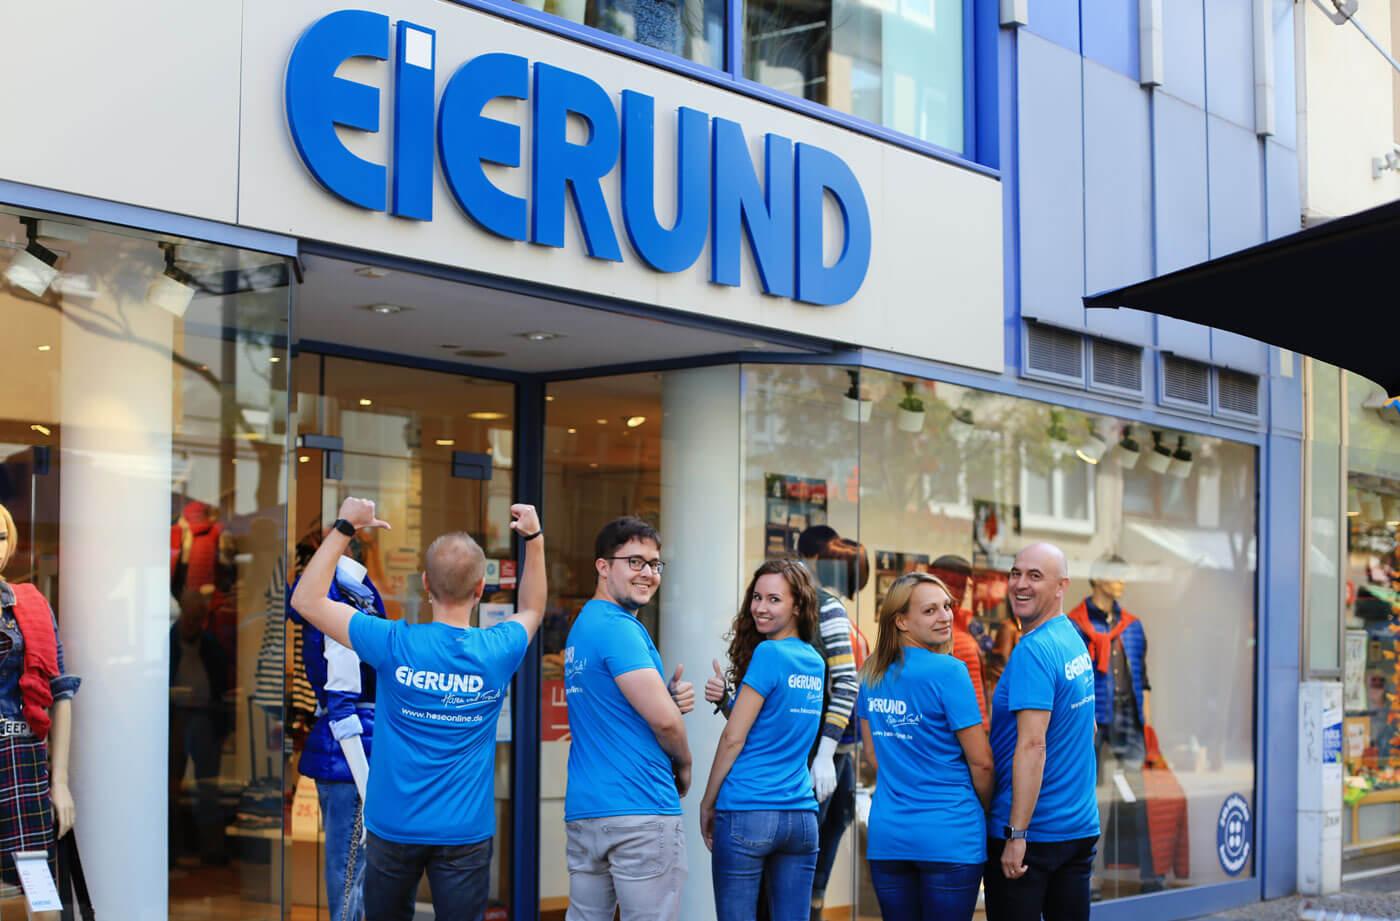 Firmenlauf Team Eierund